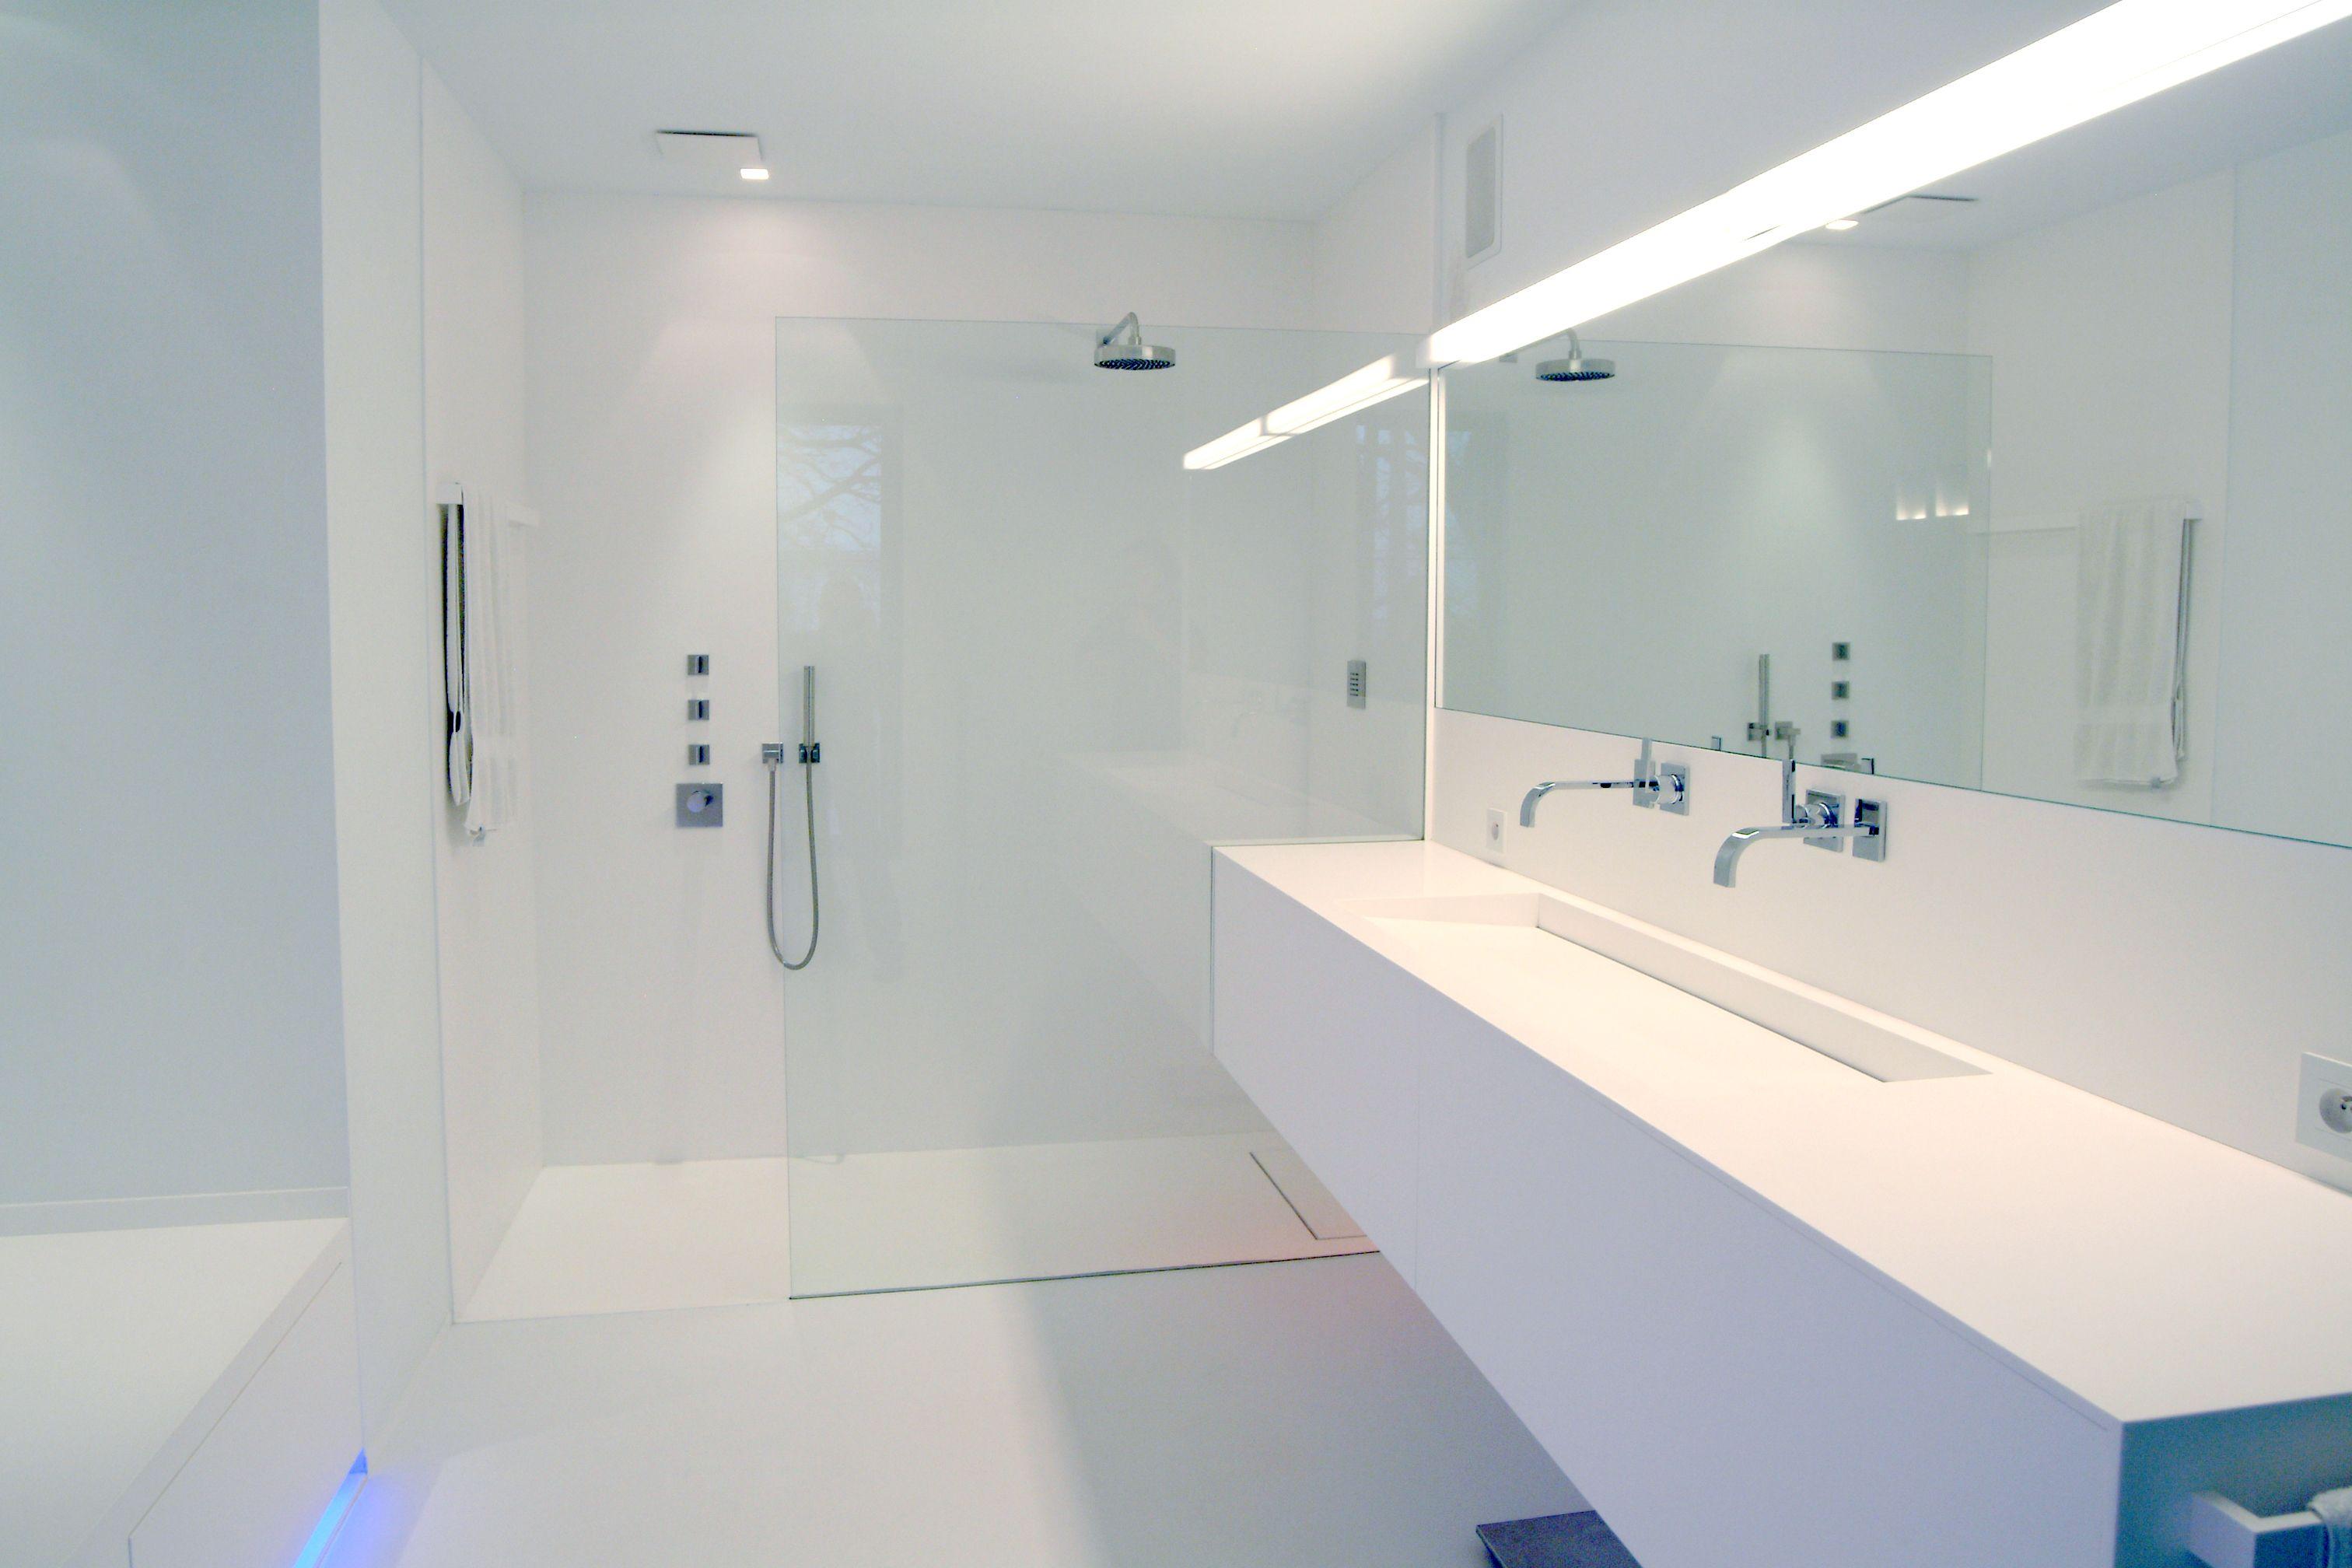 Moderne Strakke Badkamer : Moderne badkamer. badkamermeubel in solid surface. strakke badkamer